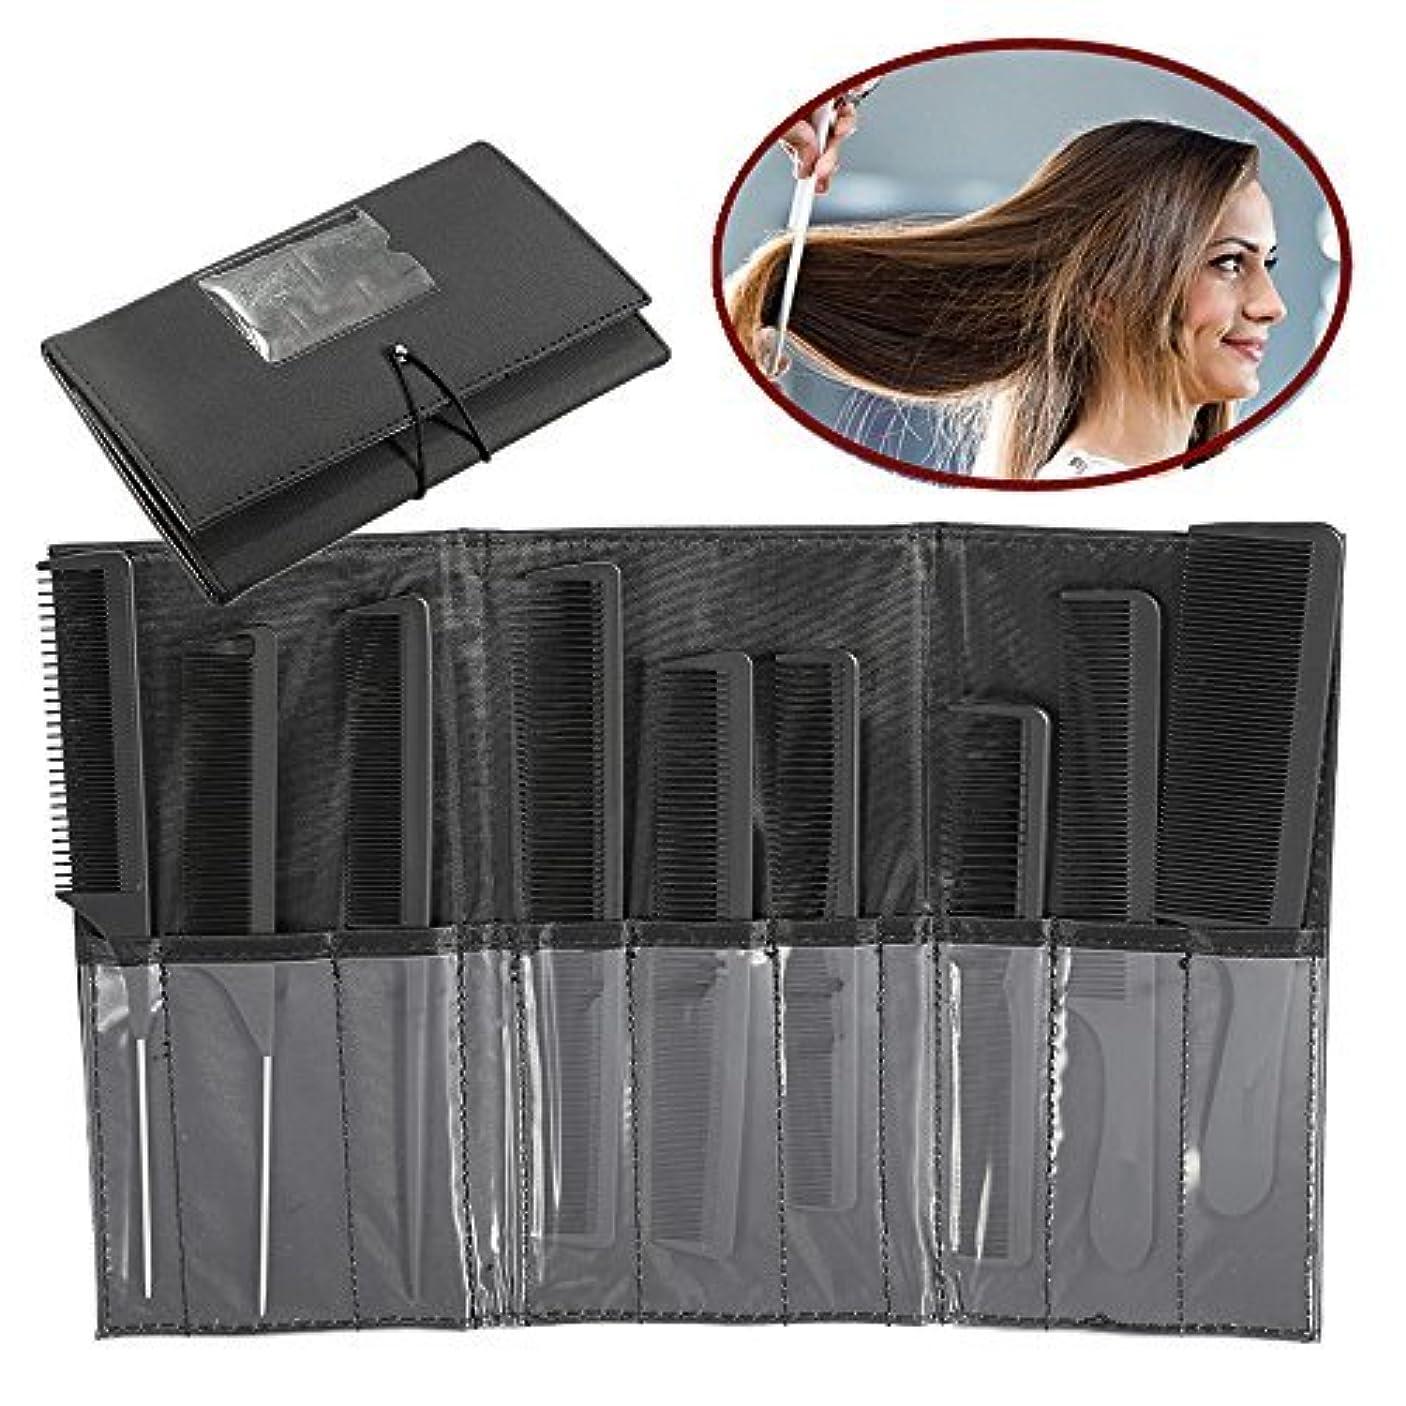 明らかにするバラエティ気楽なZJchao Professional Styling Comb Set, 9Pcs Salon Hairdressing Kits, Metal Pintail Teaser/Sharp Tail/Wide Tooth...